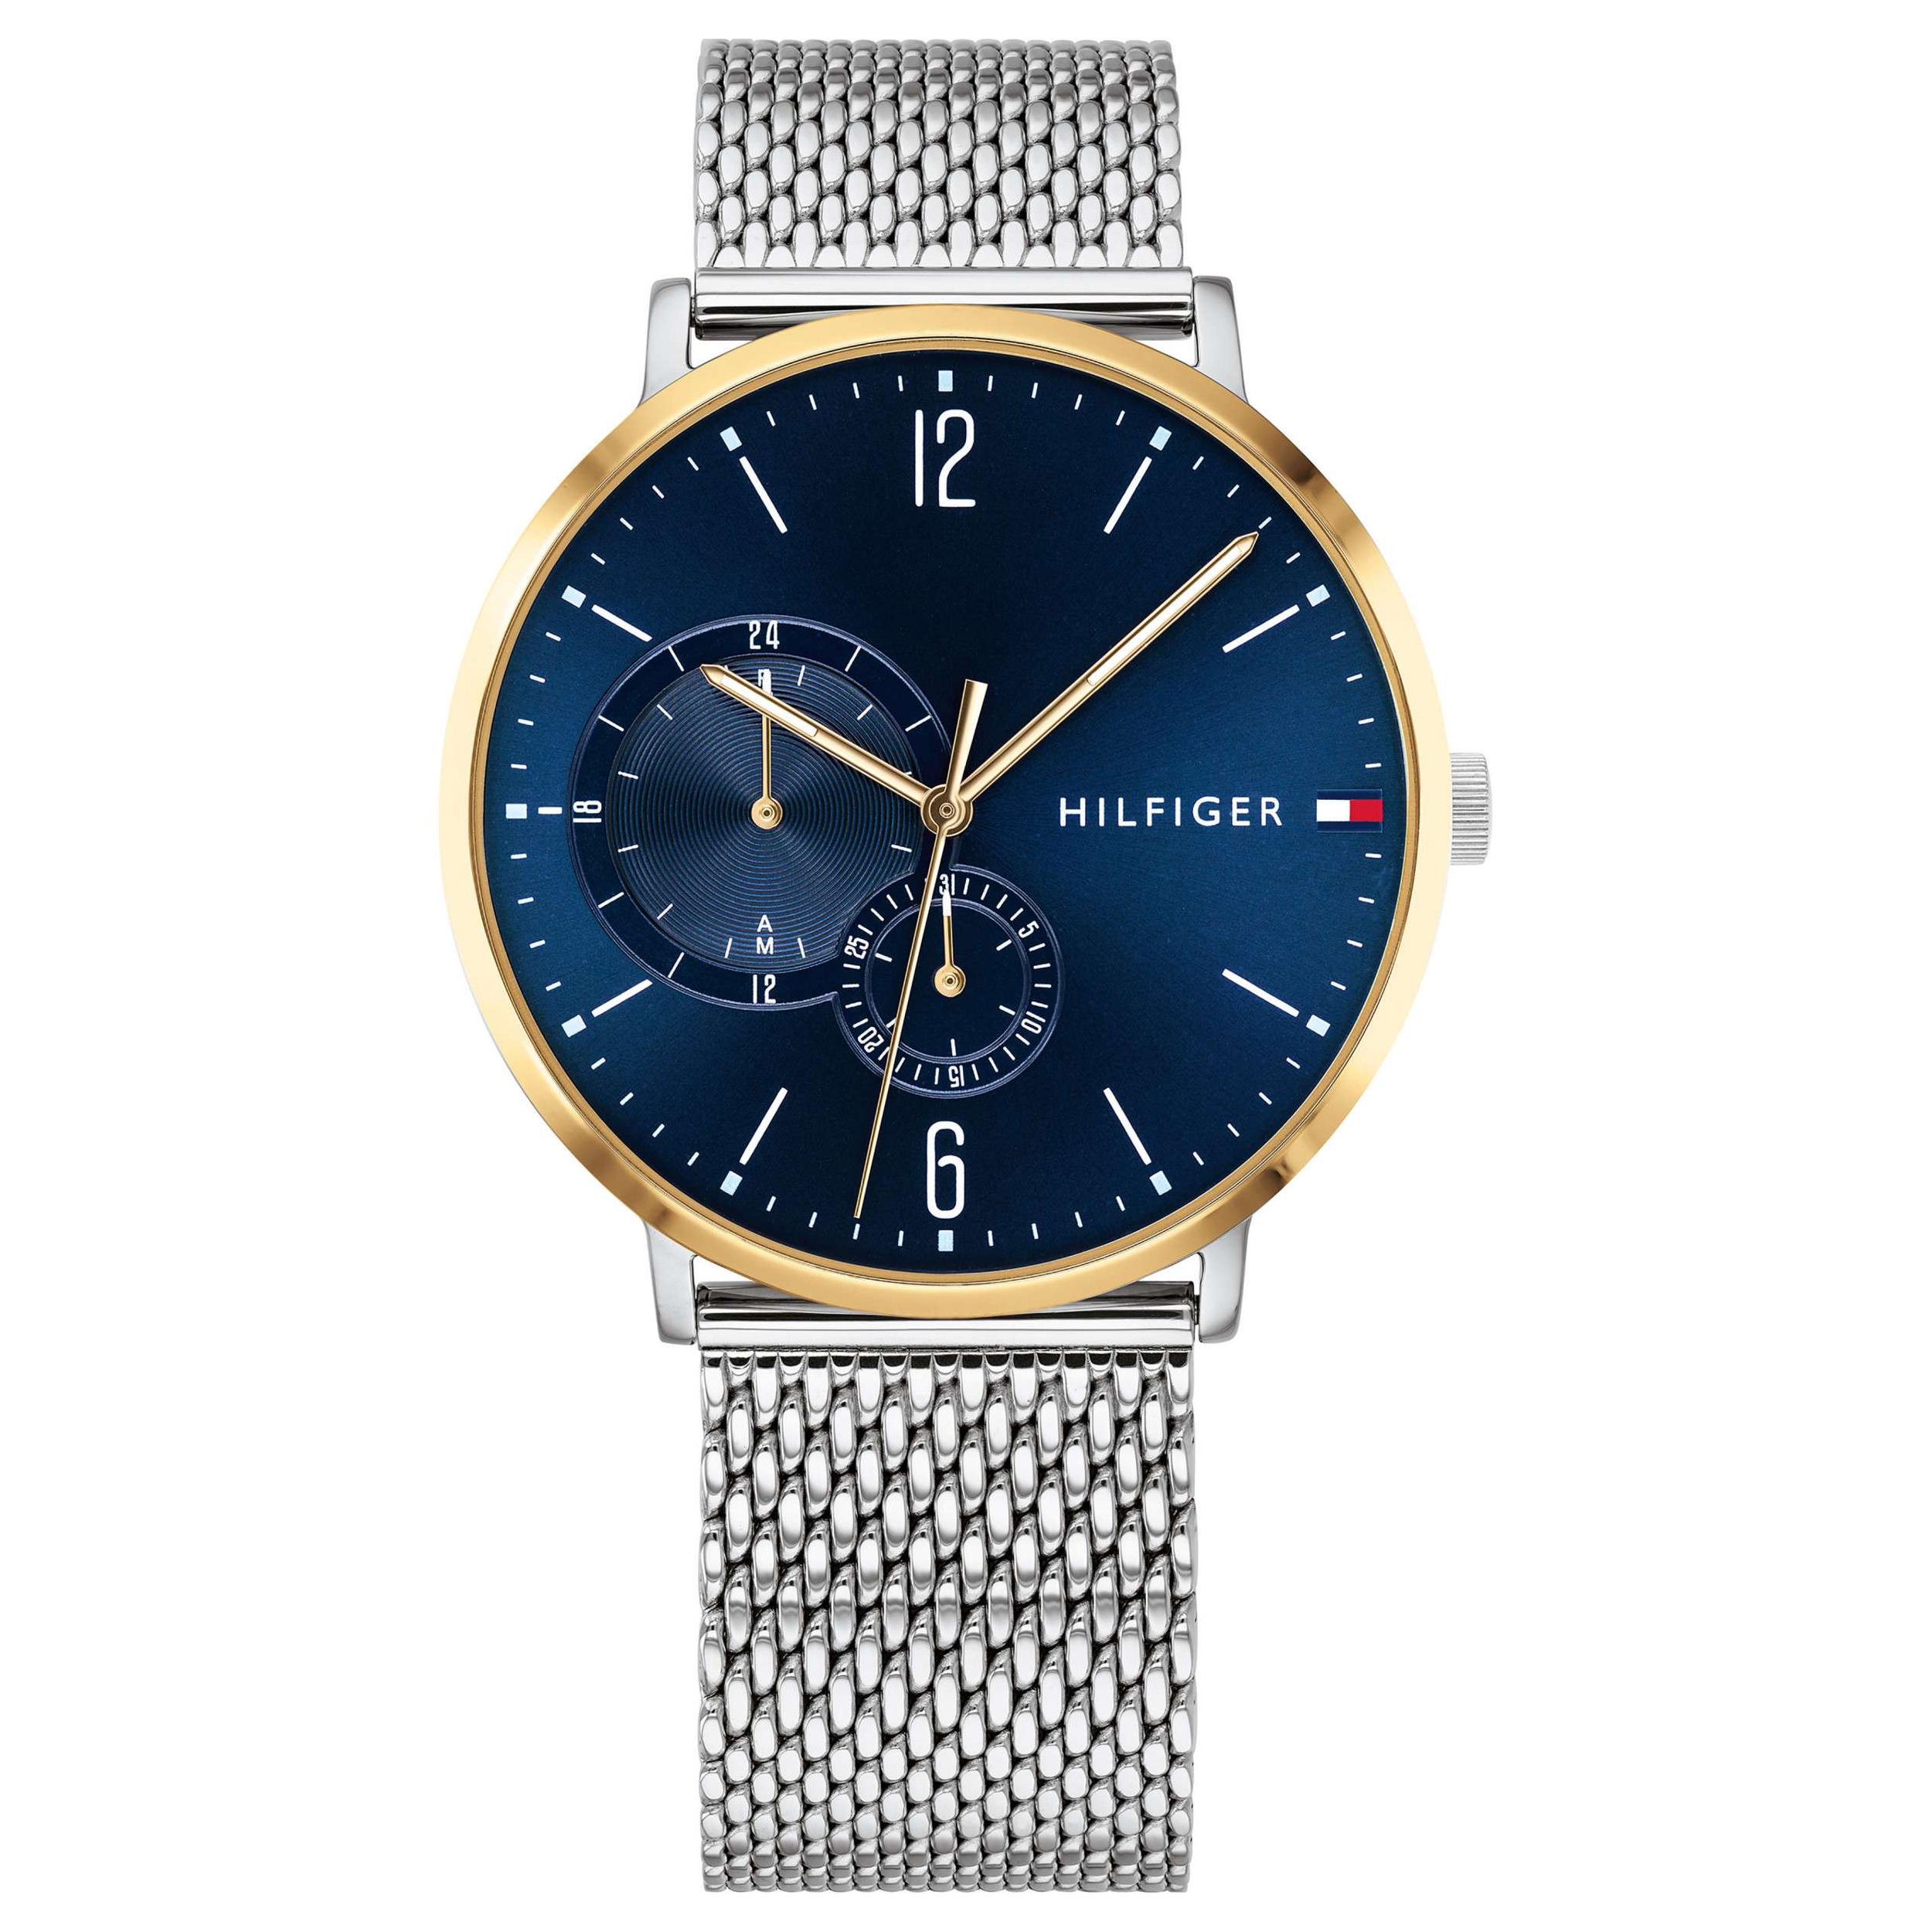 ساعت مچی عقربه ای مردانه تامی هیلفیگر مدل ۱۷۹۱۵۰۵